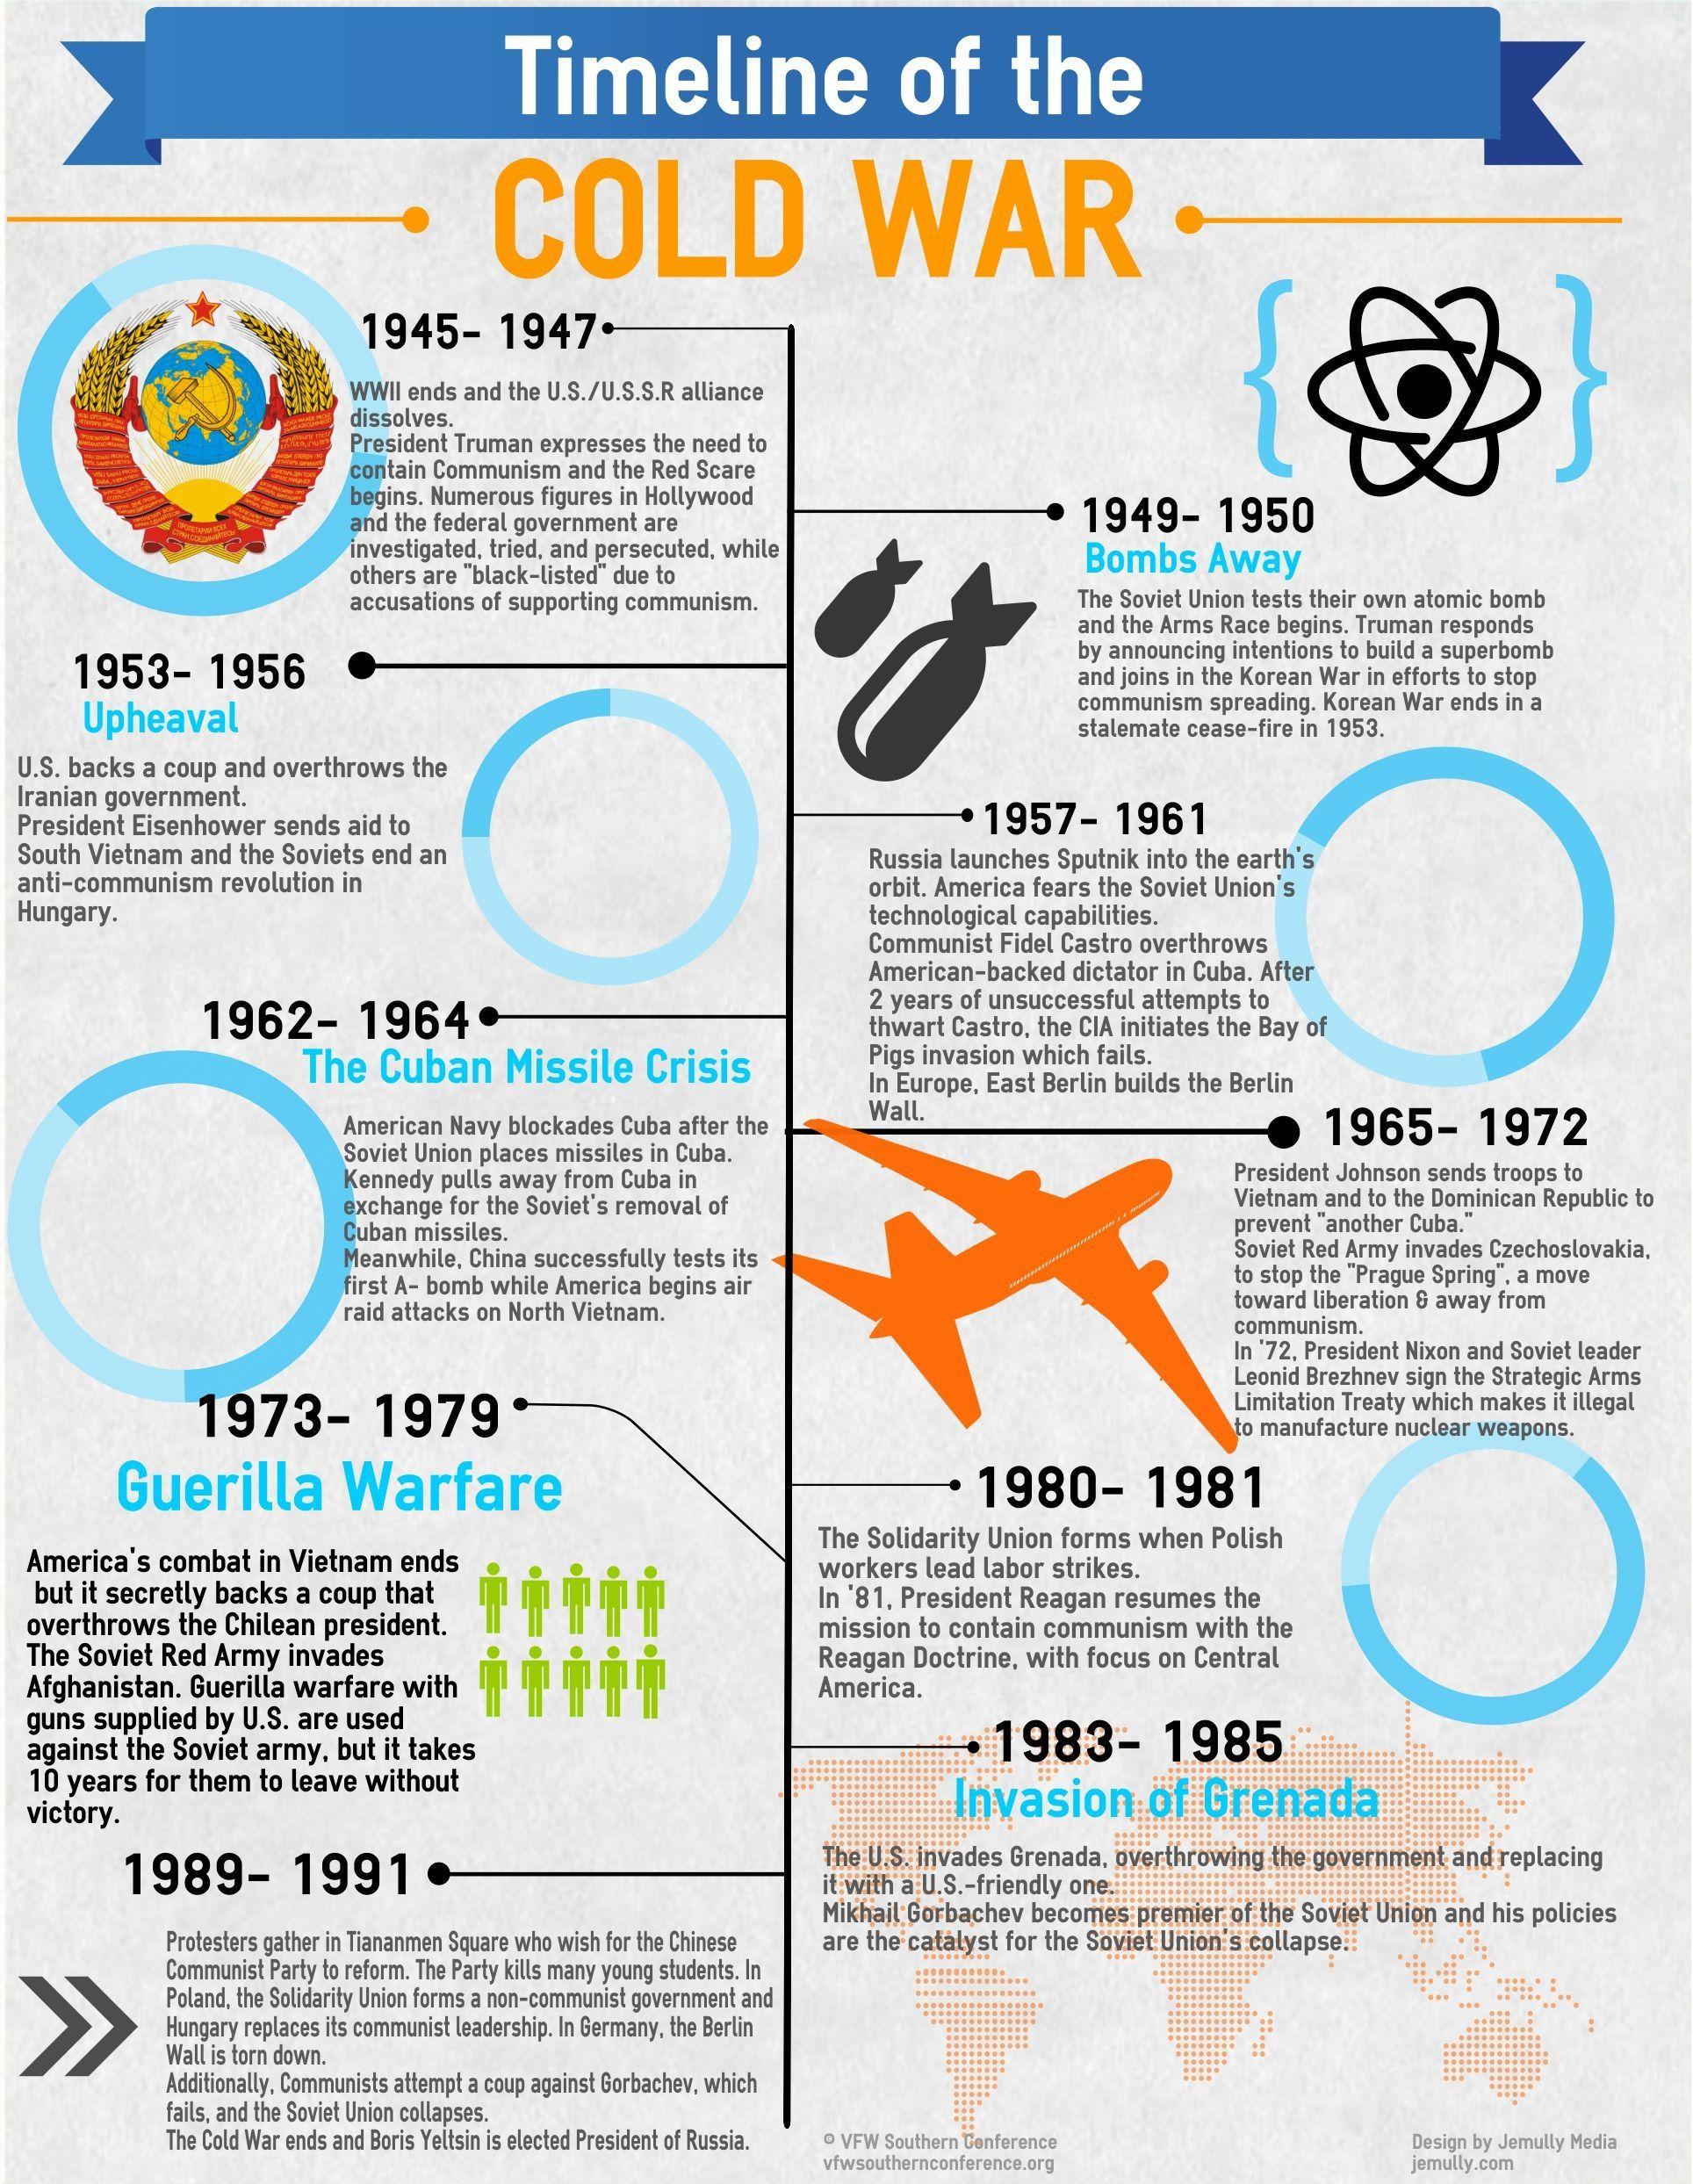 Cold War Timeline Worksheet